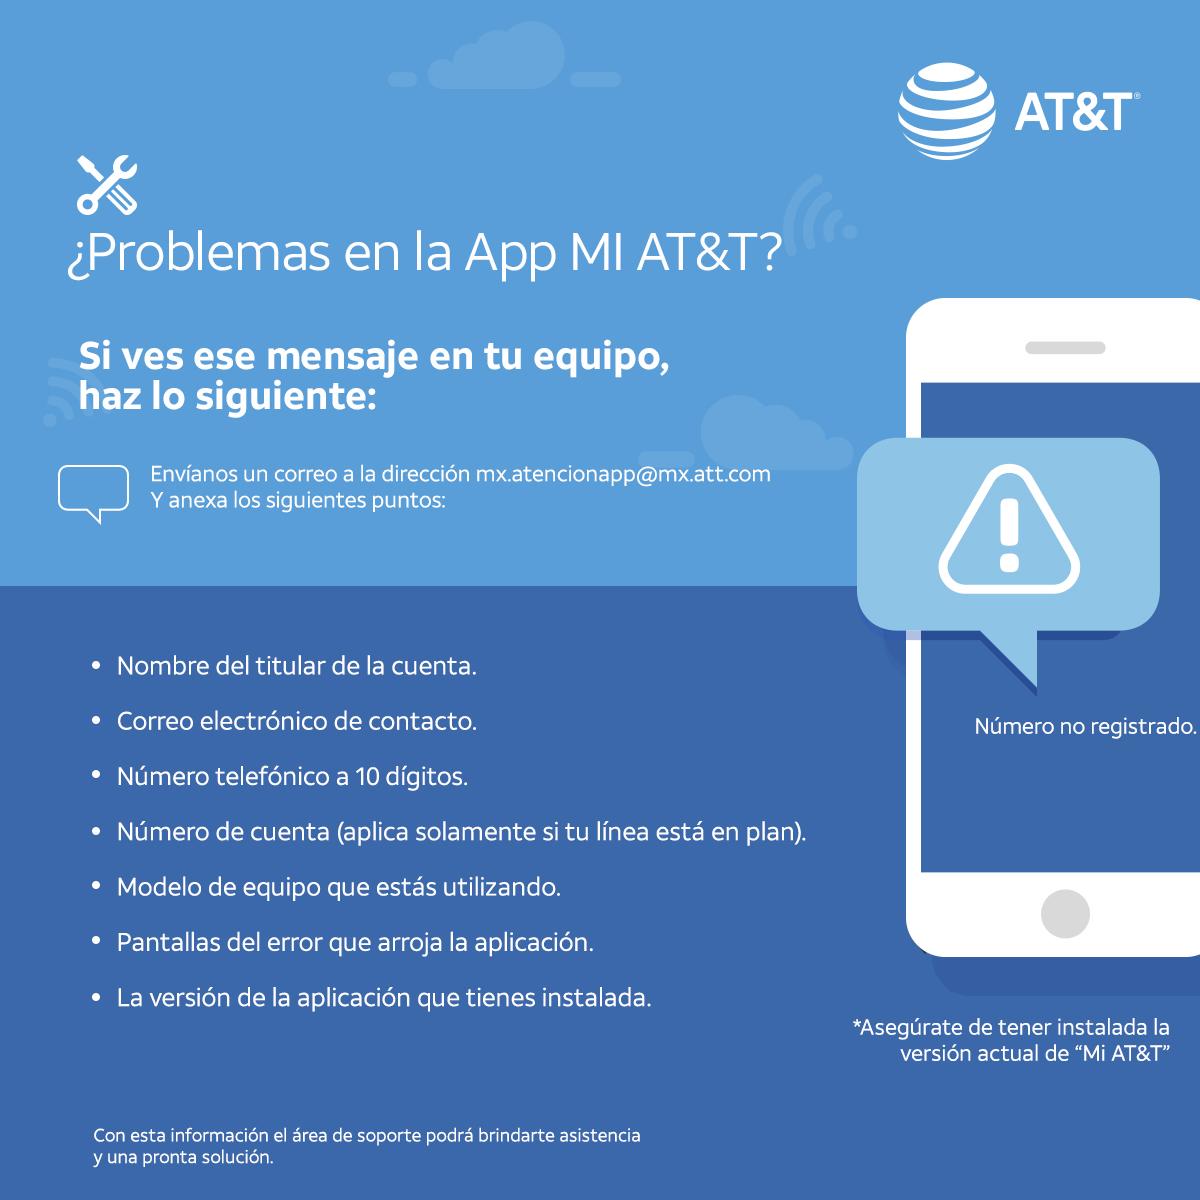 ¿Tienes inconveniente con la APP MI AT&T?